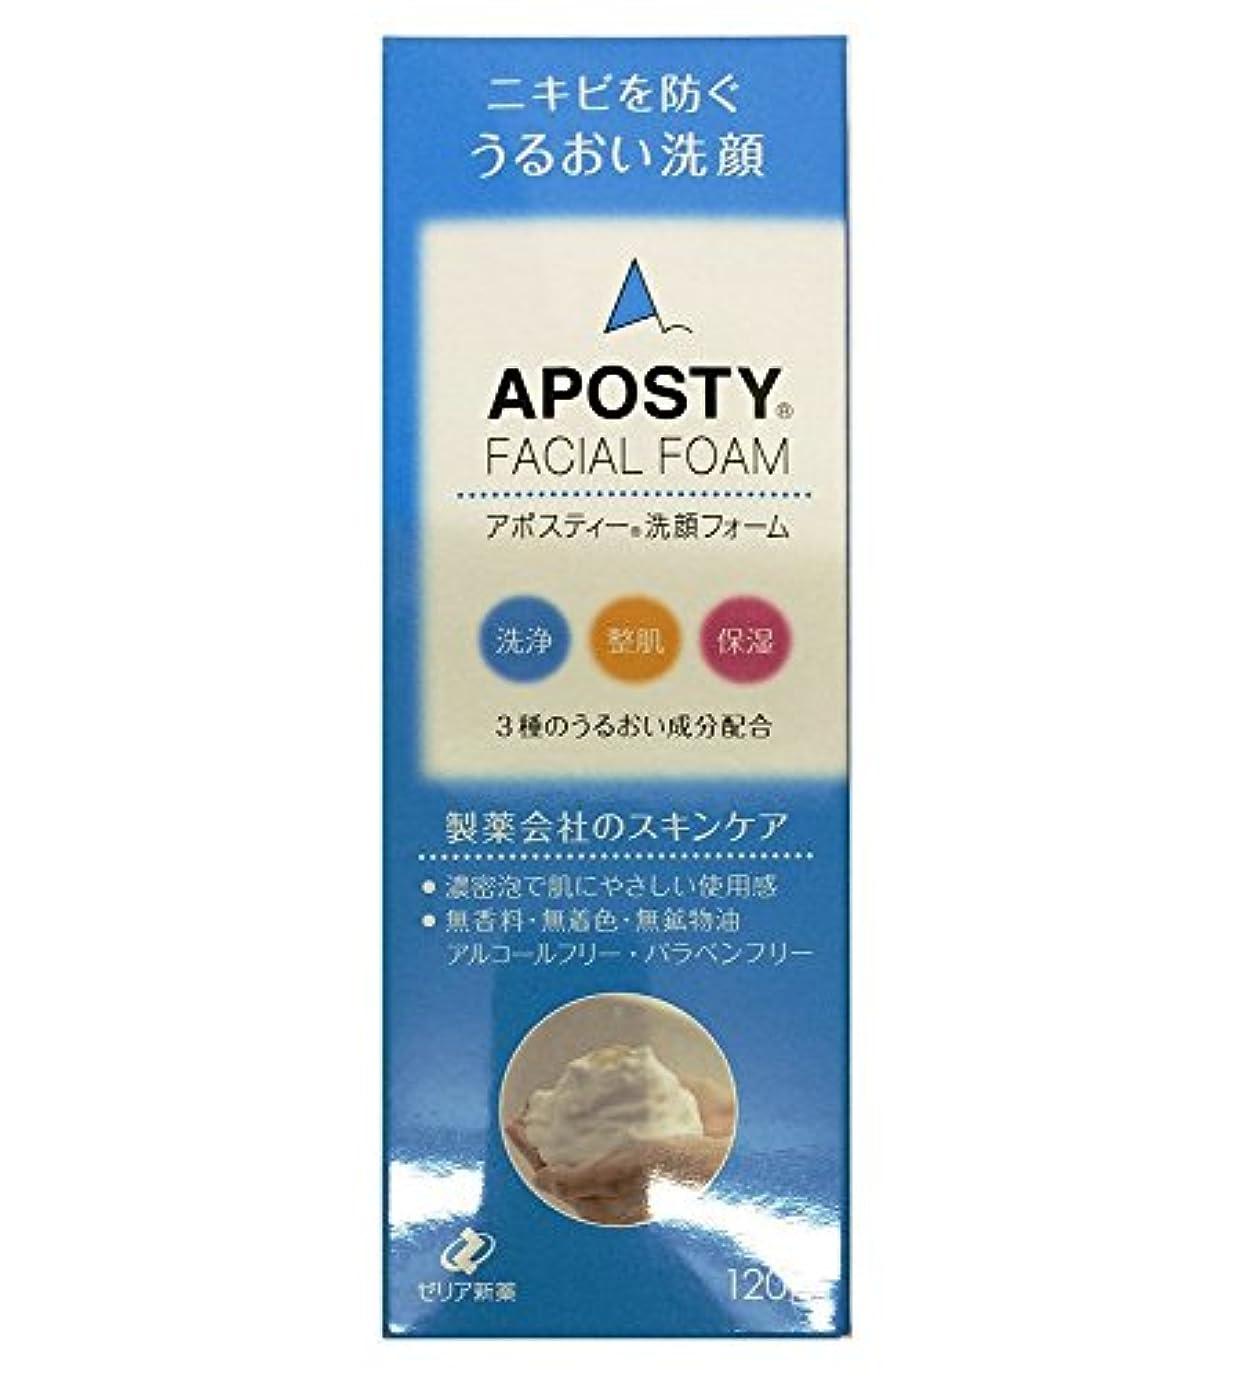 公爵物理学者自由ゼリア新薬工業 アポスティー 洗顔フォーム 120g